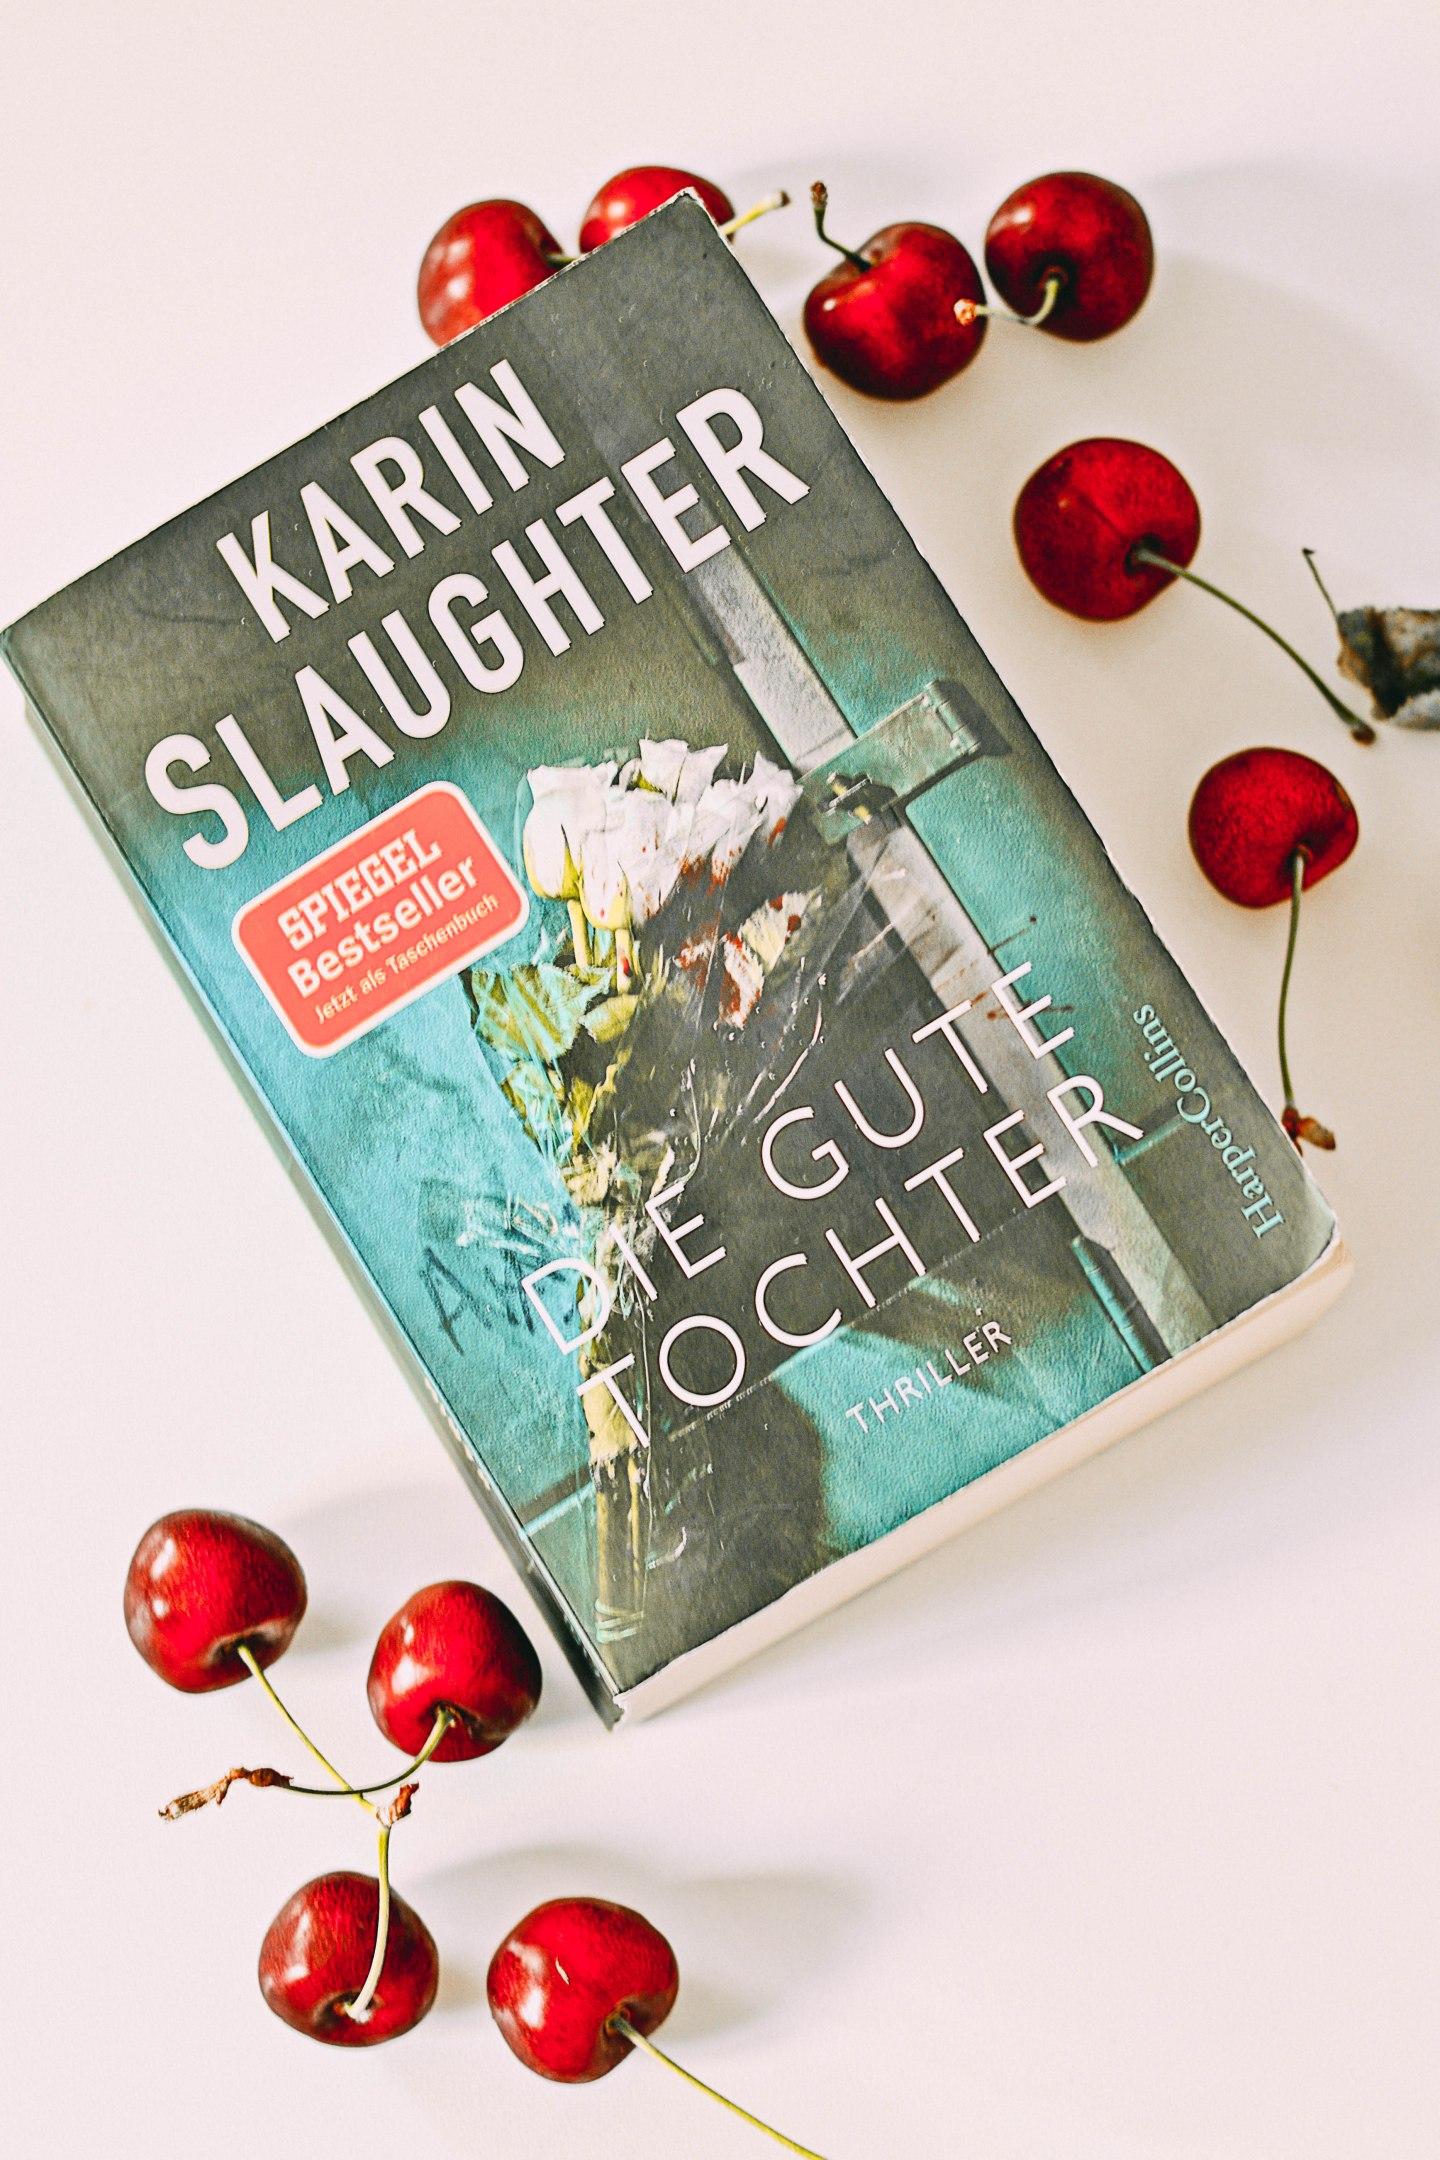 Büchertipps für den Urlaub, Karin Slaughter Die gute Tochter